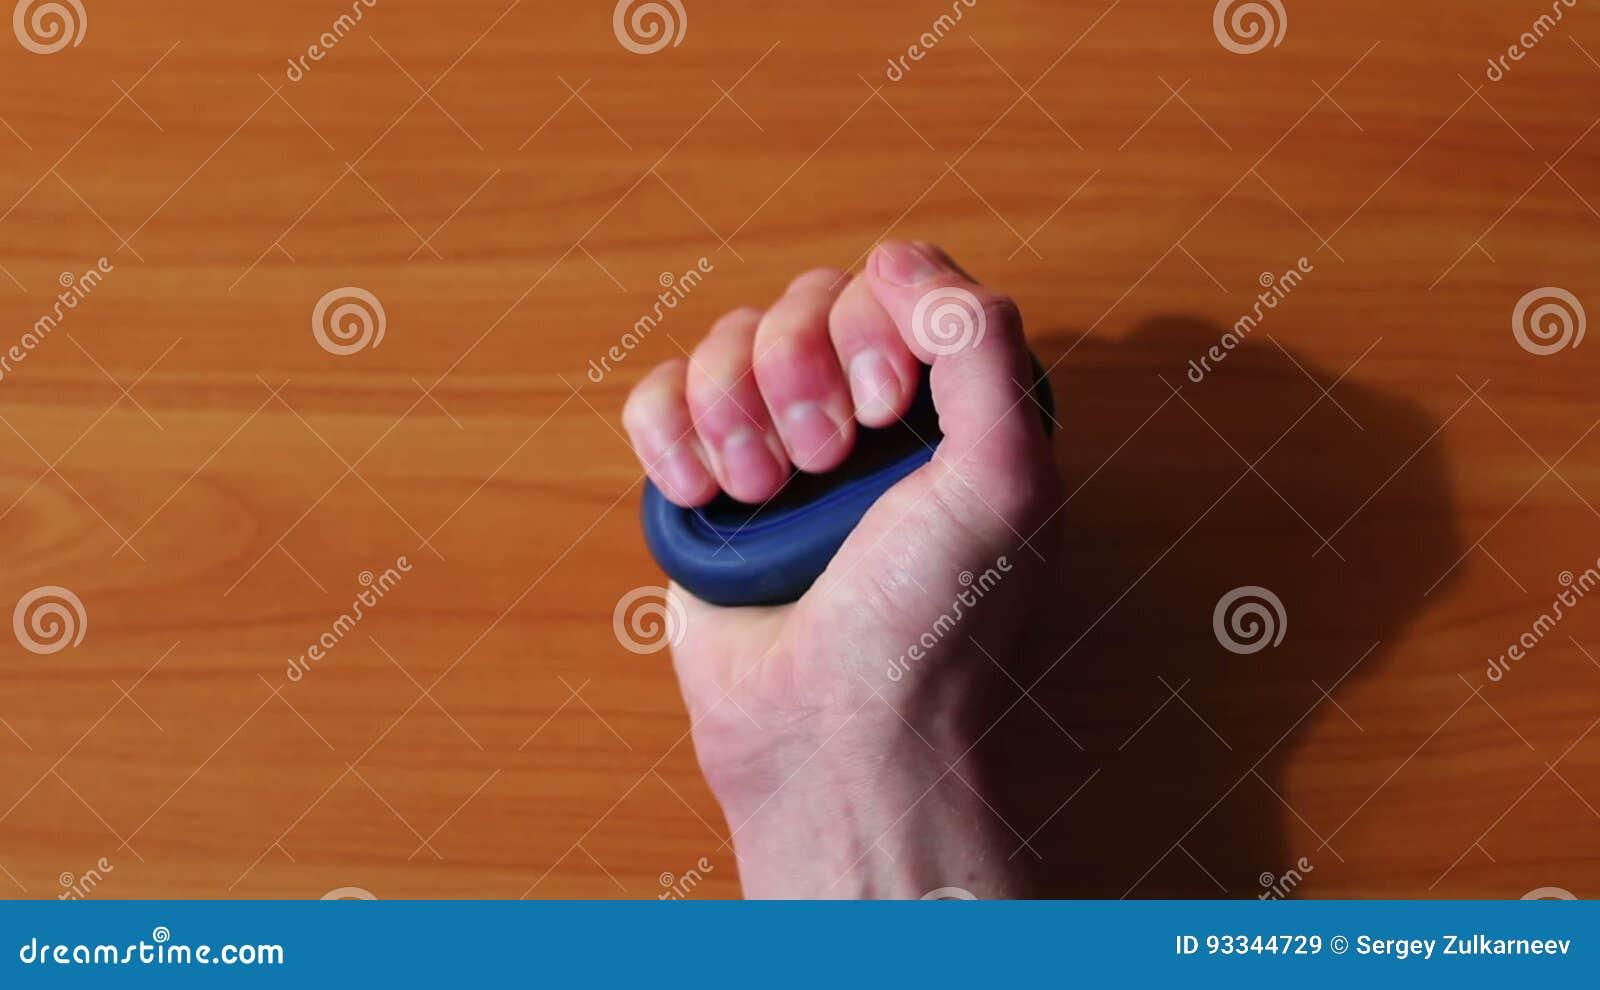 Mann Drückt Handexpander, Verstärkt Muskeln In Der Hand, Finger ...